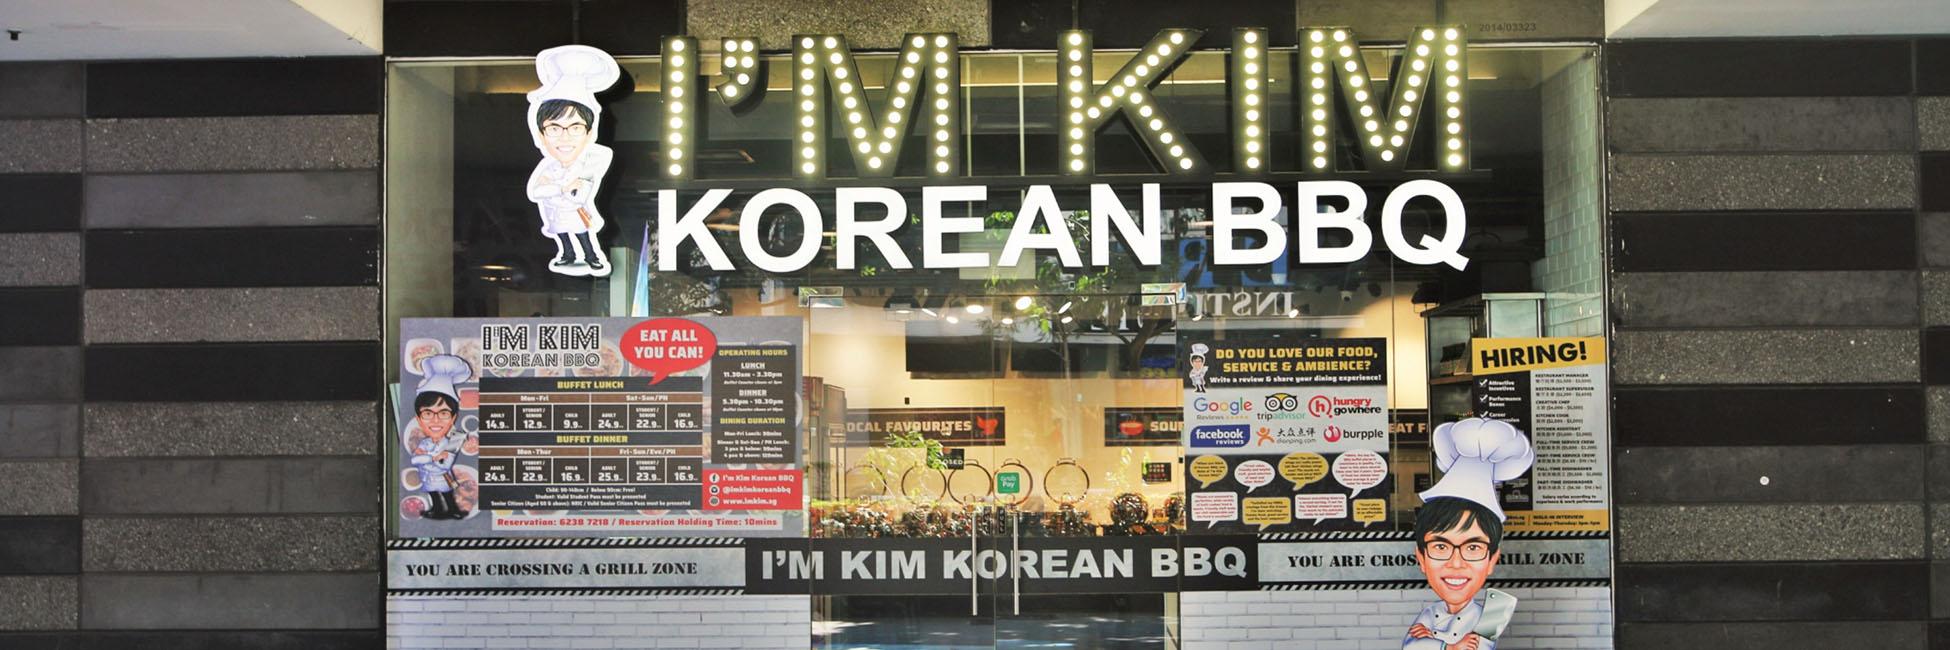 I'm Kim KBBQ - Sliding Pics (1)